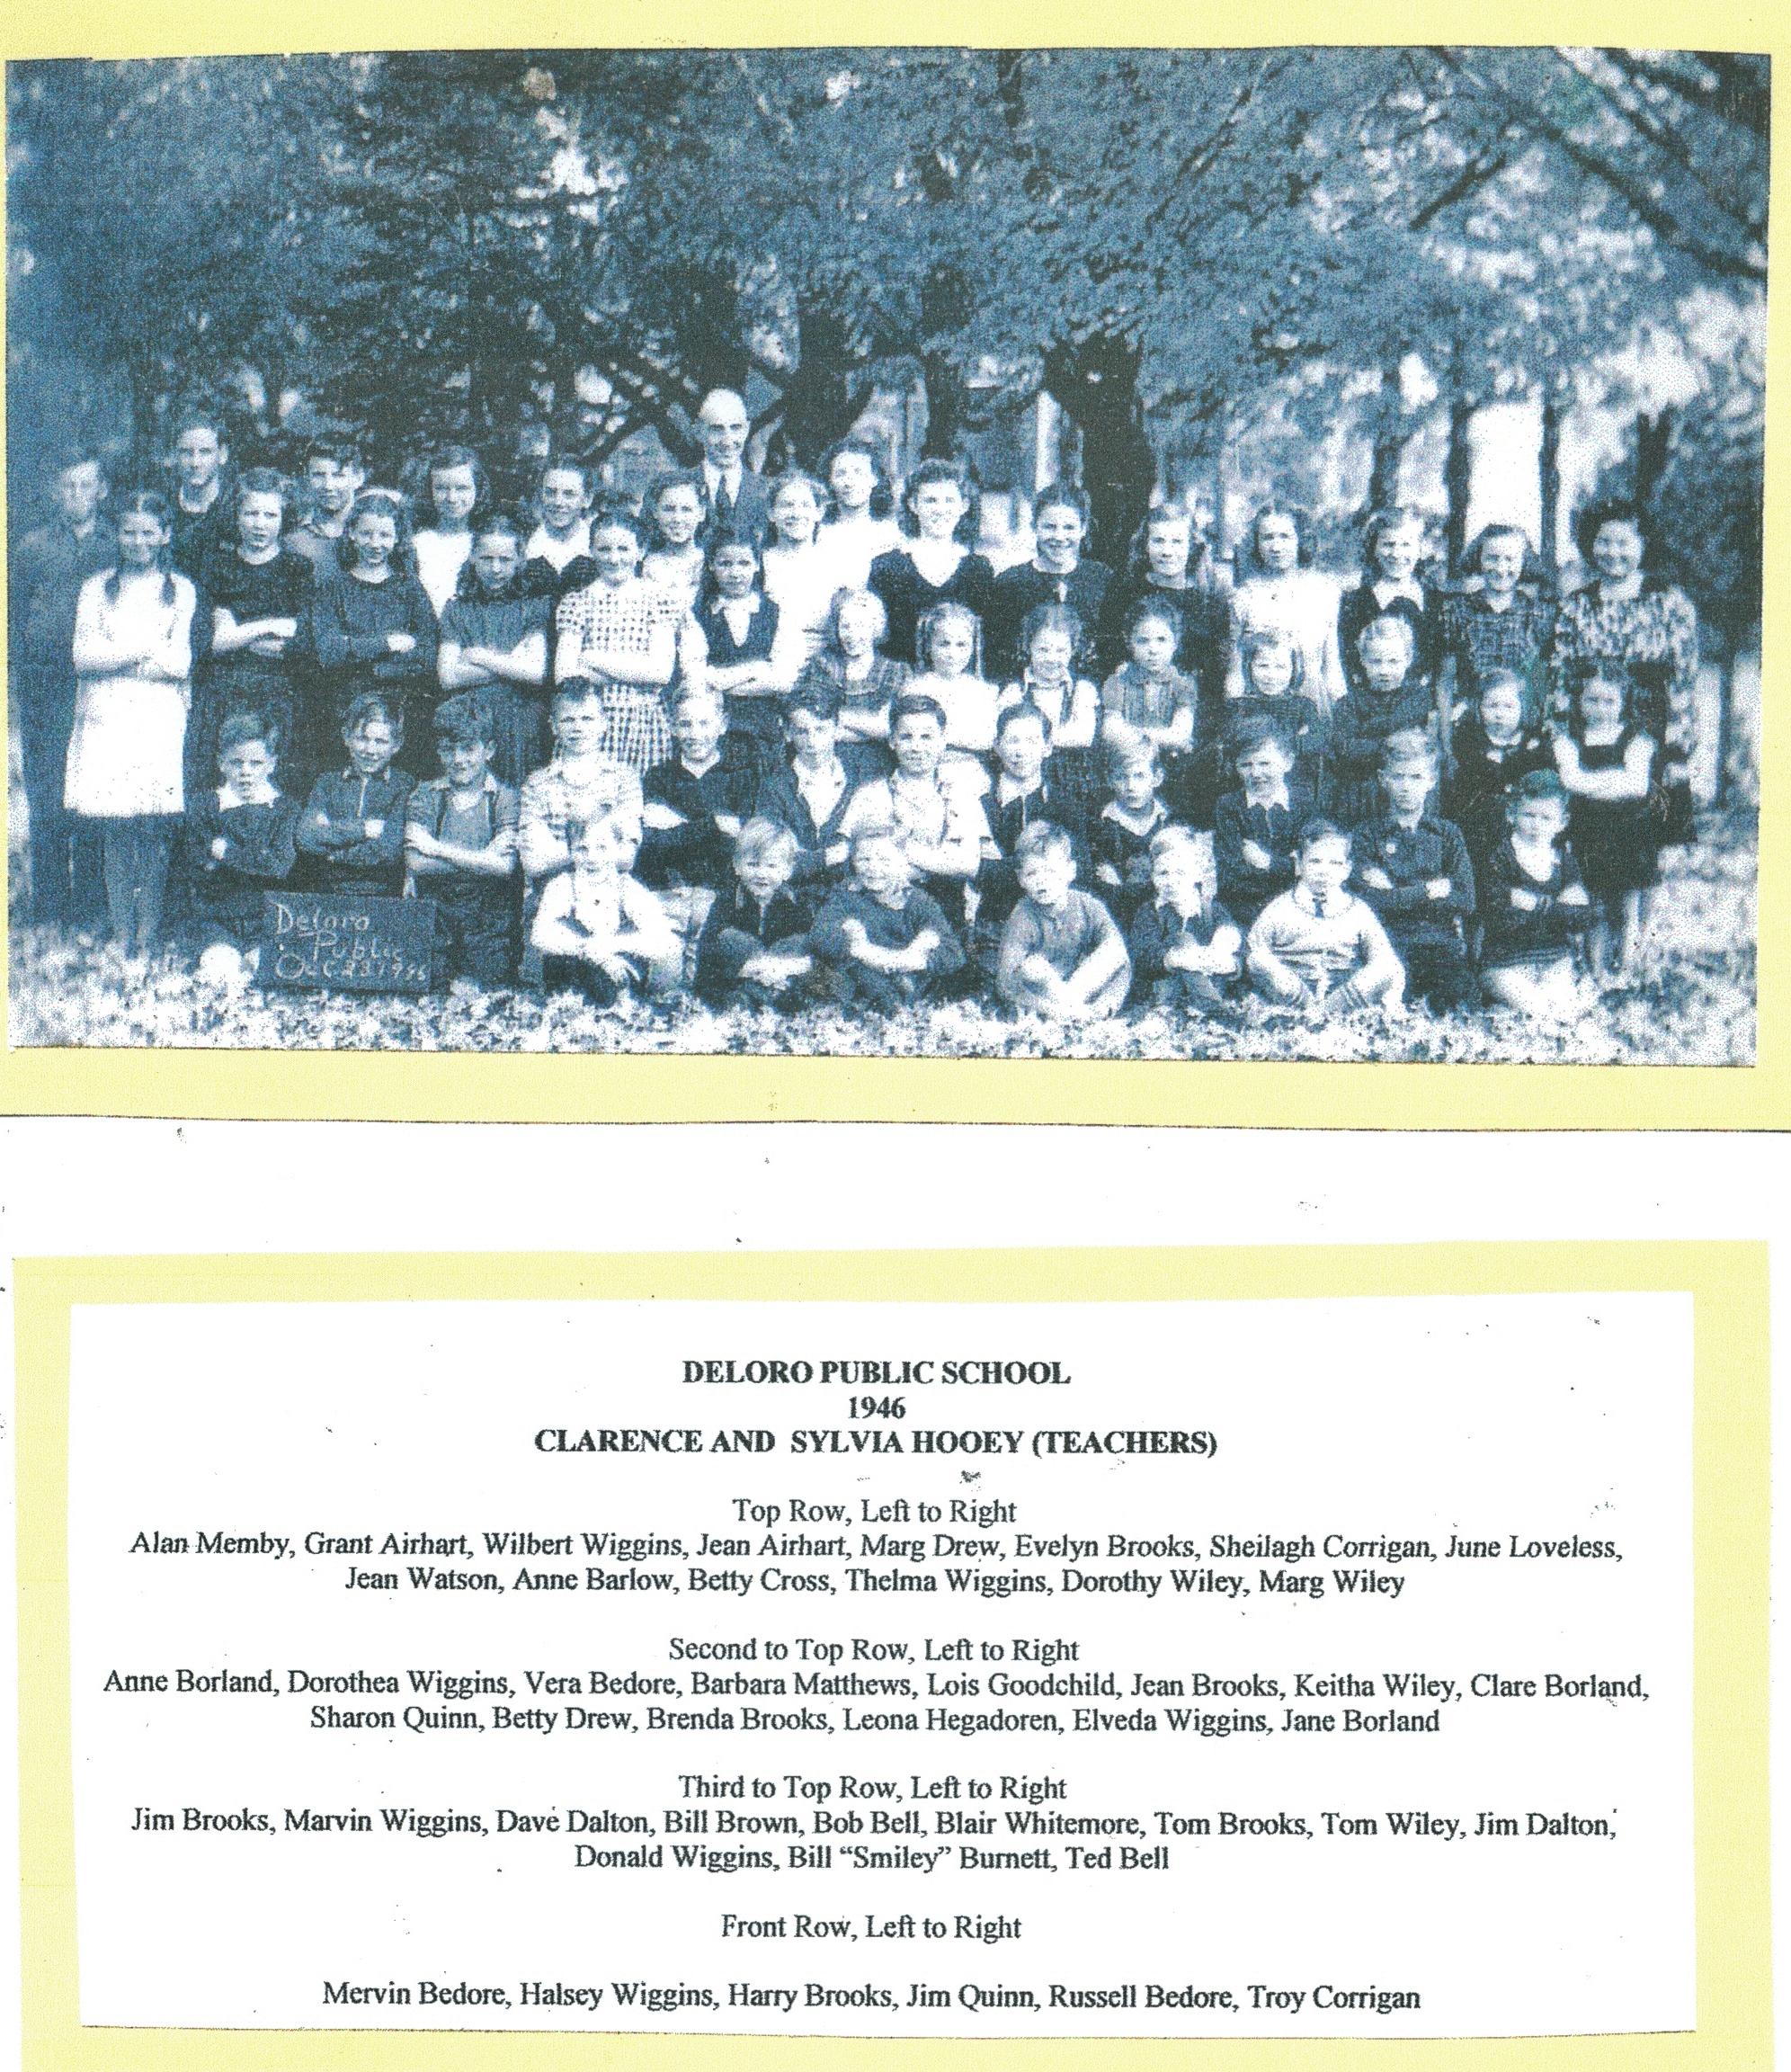 Deloro Public School 1946 - see previous photo